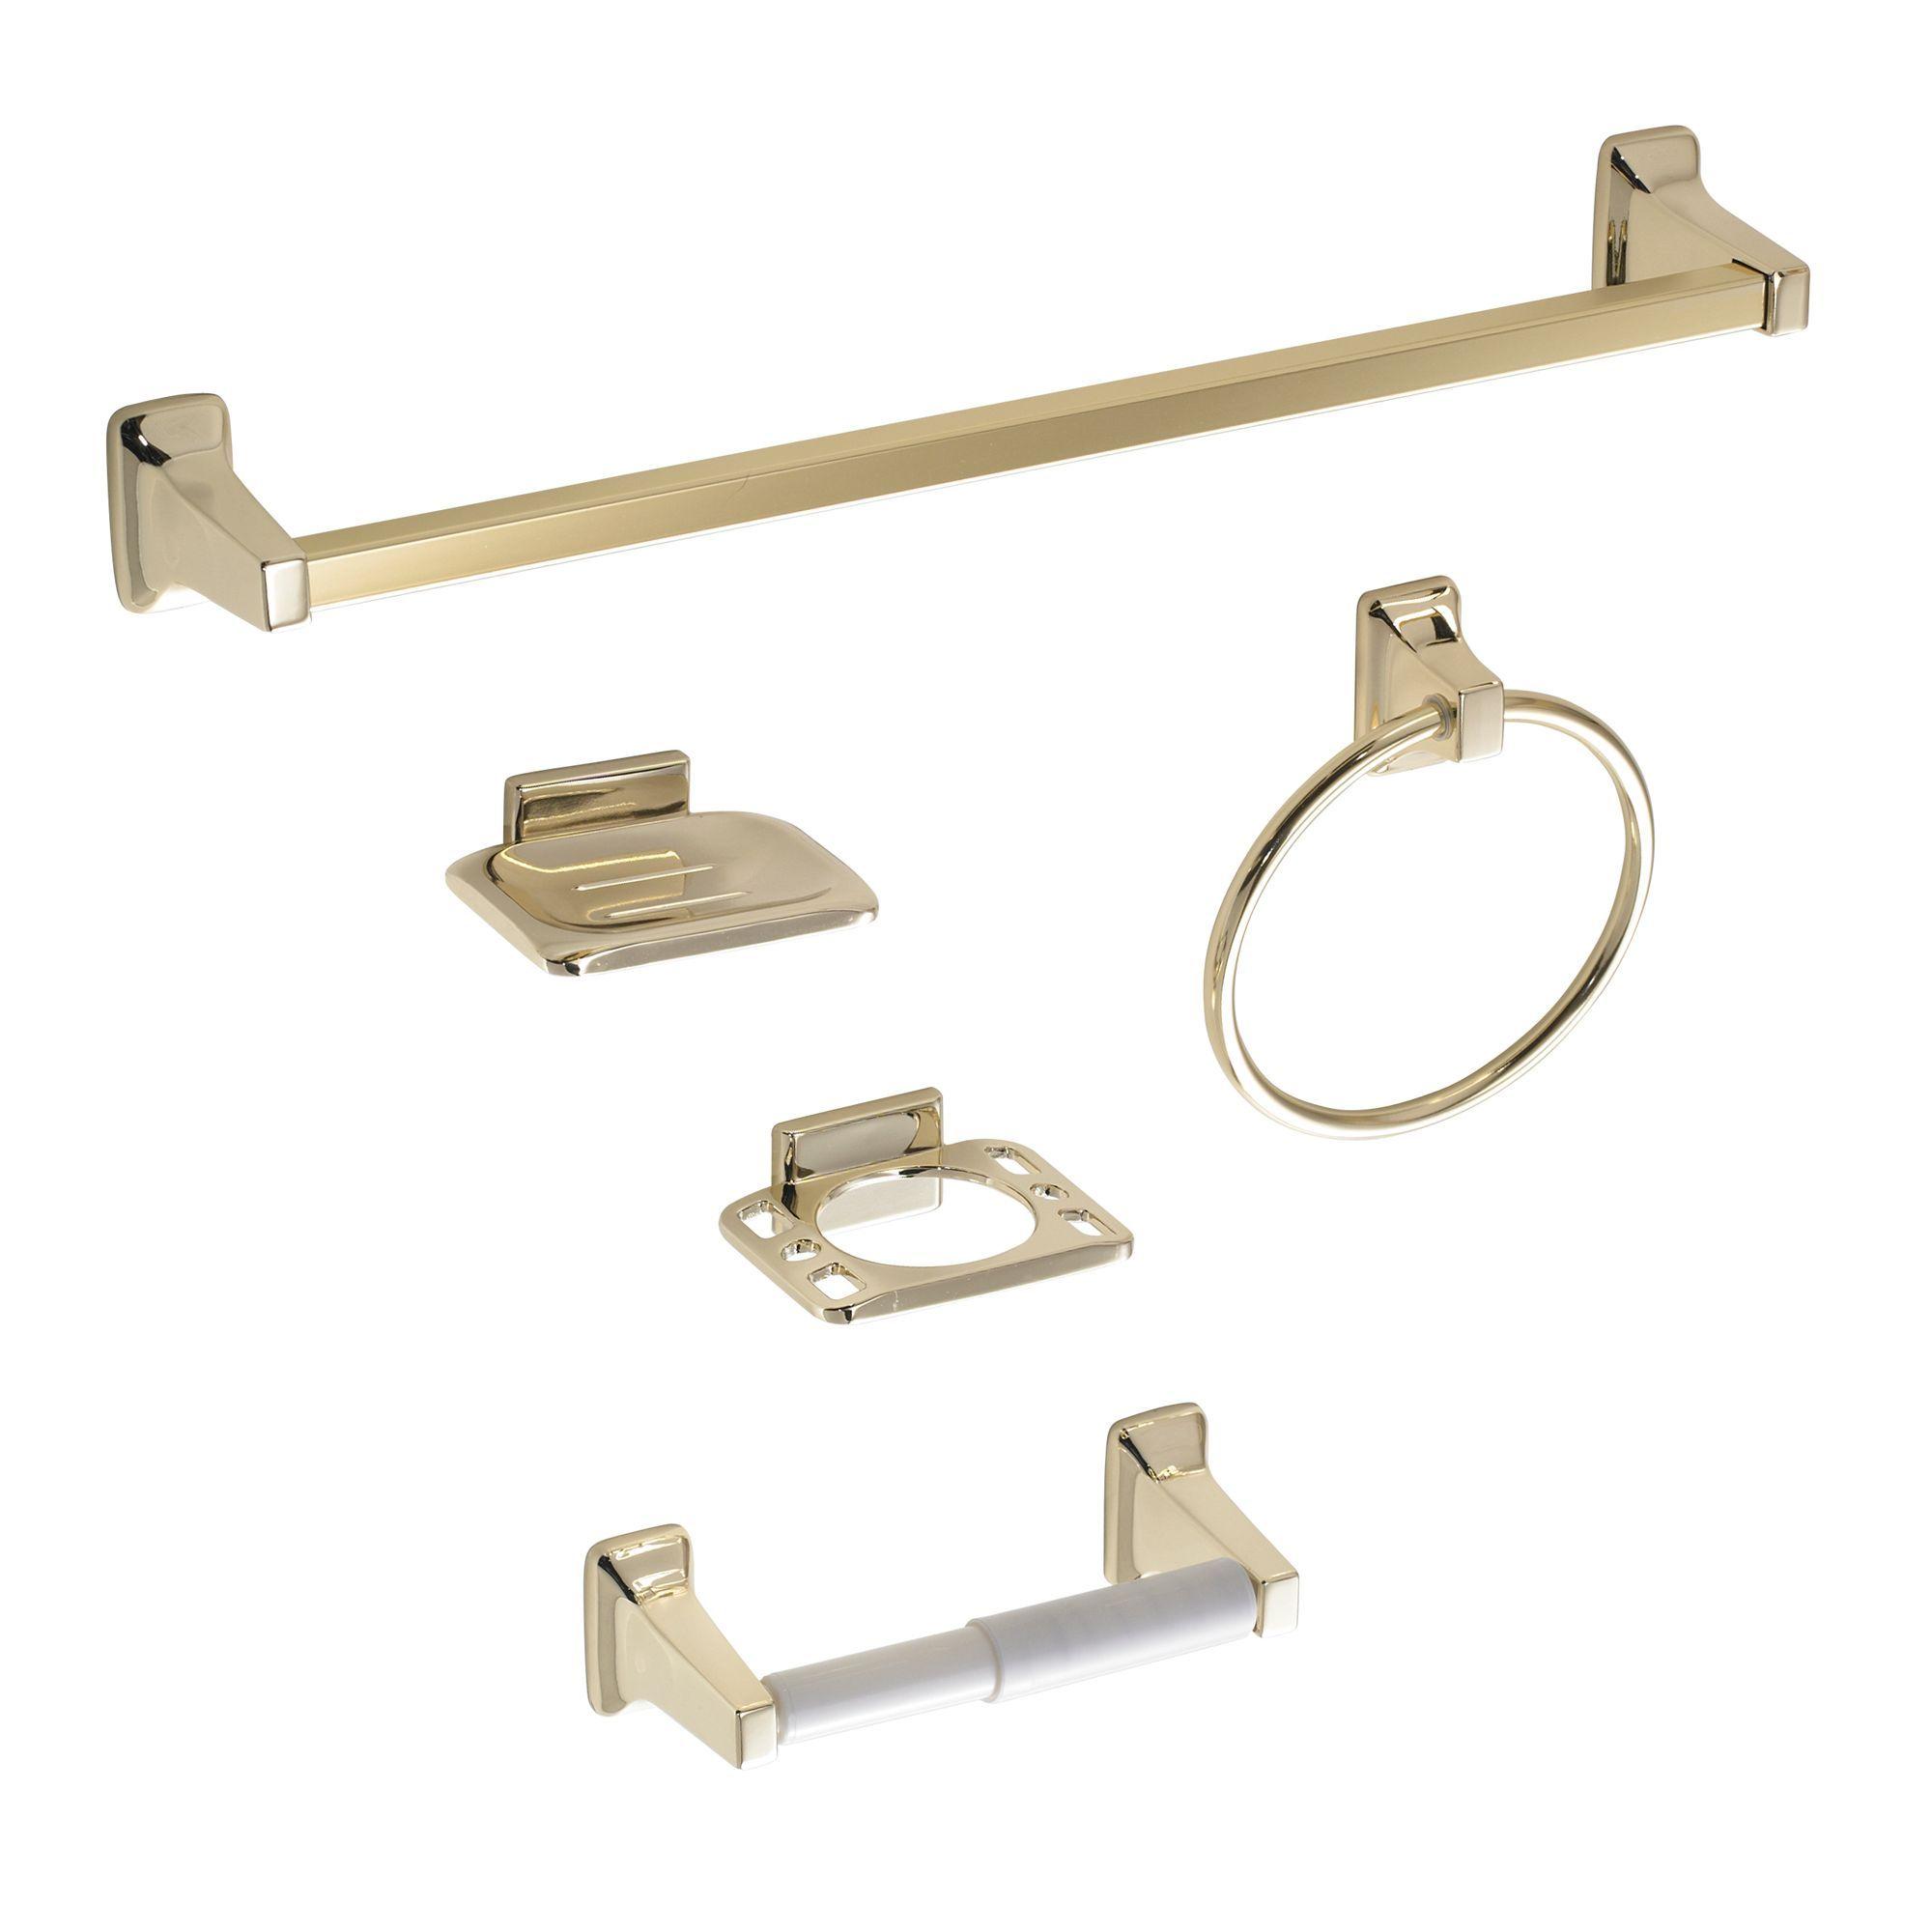 B&Q Amalfi Gold Effect Zinc Alloy Bathroom Accessory Set, Pack of 5 ...